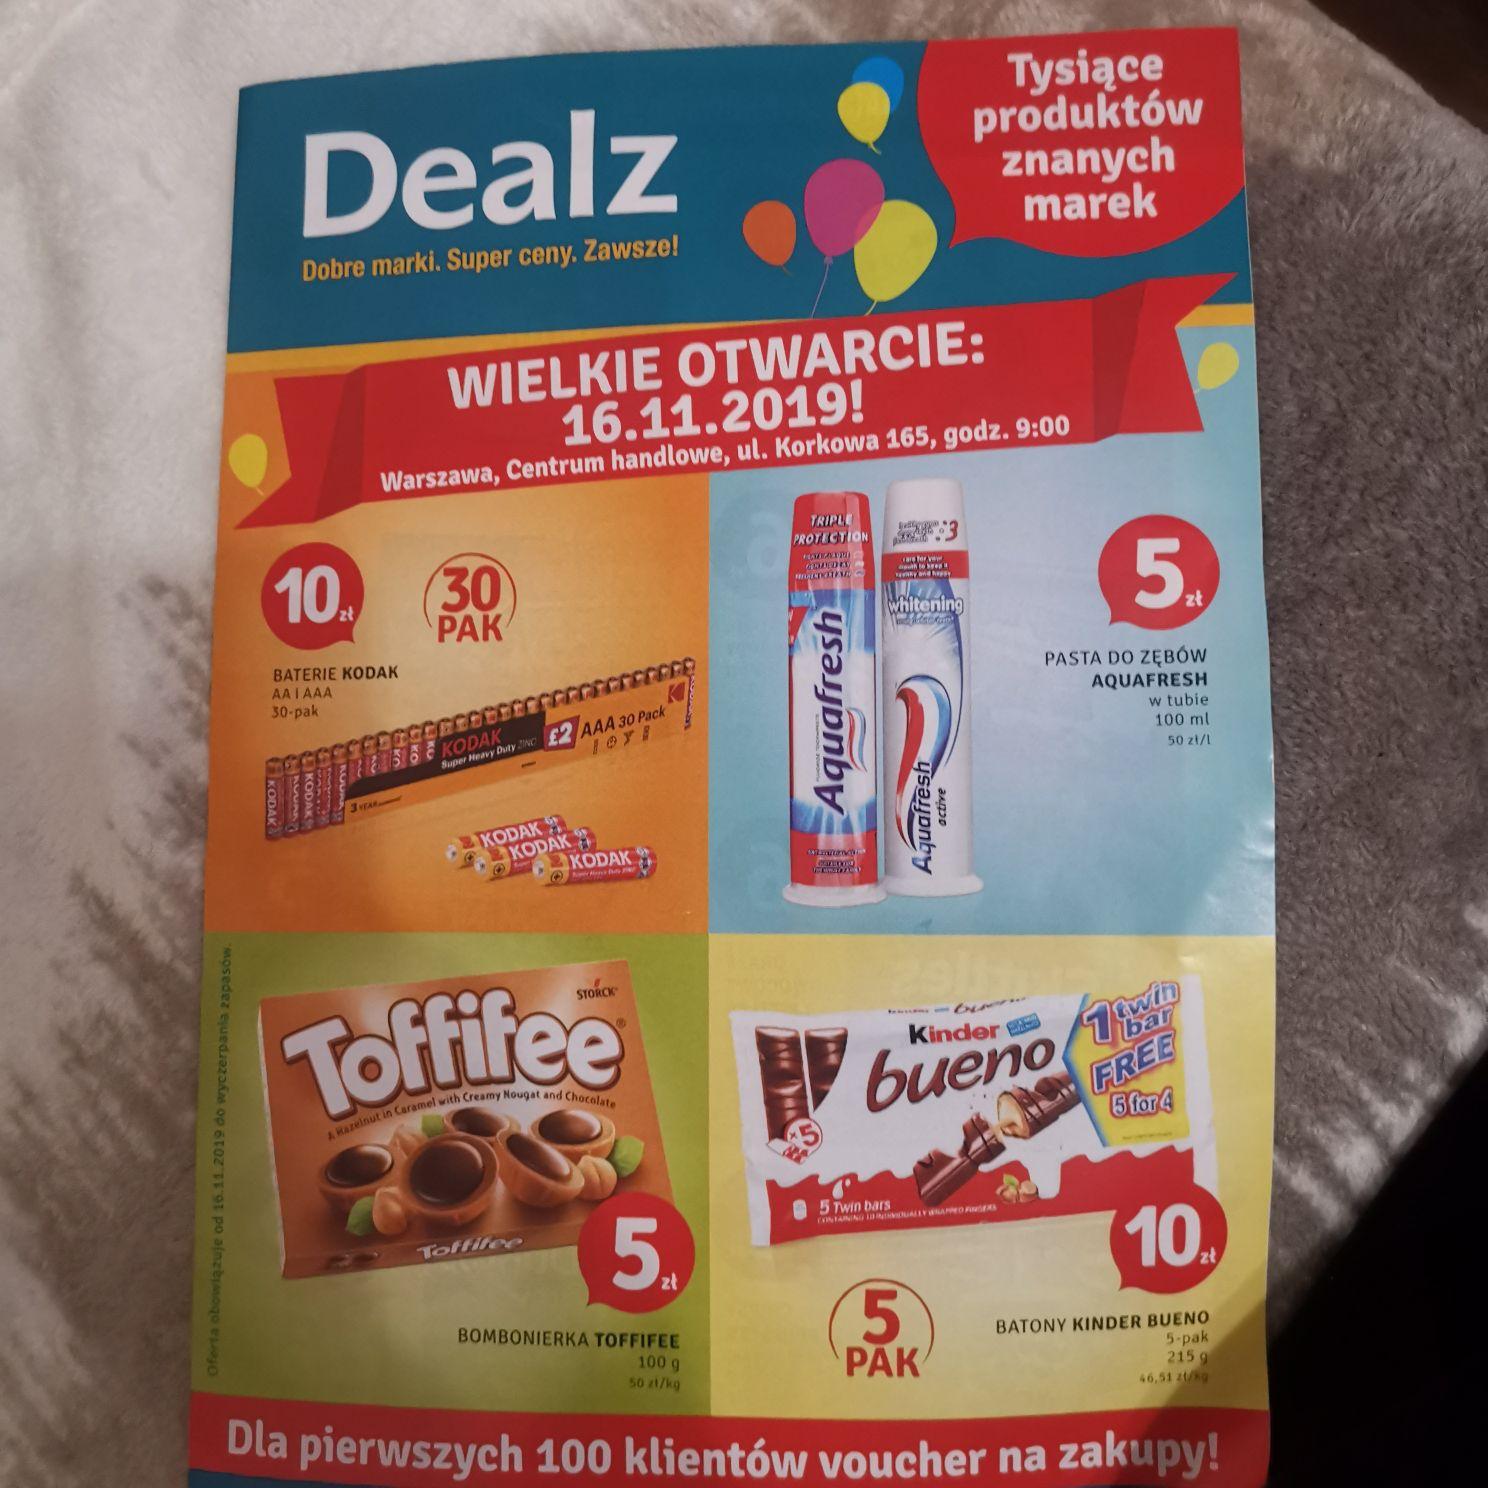 Dealz - baterie Kodak 30 szt za 10 zł (Warszawa)